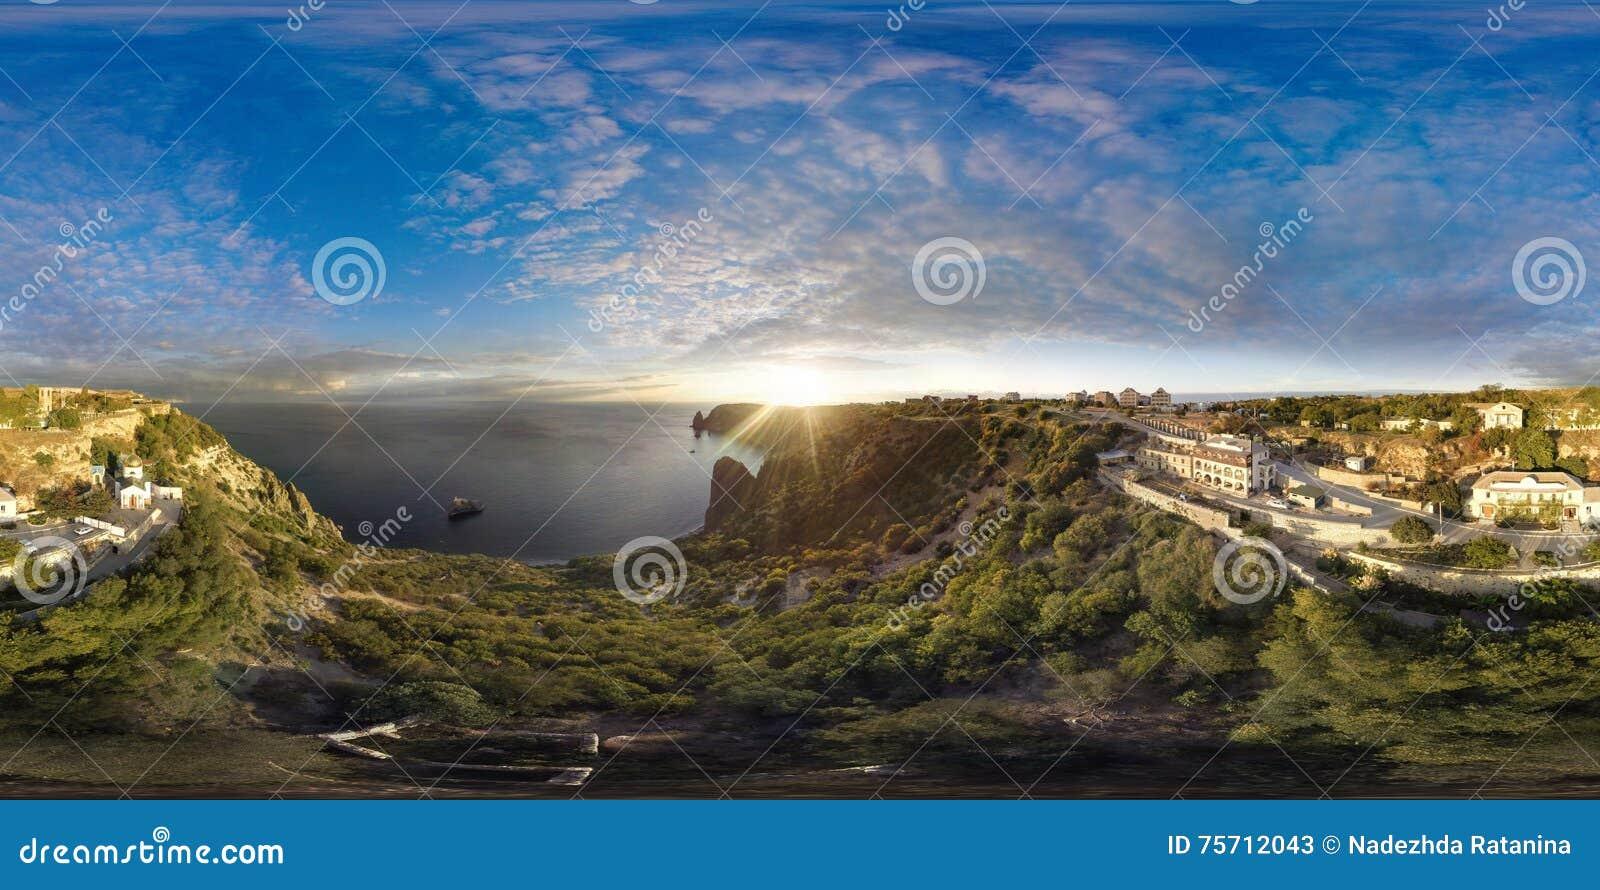 Fiolent Крым Панорама воздух 360 градусов